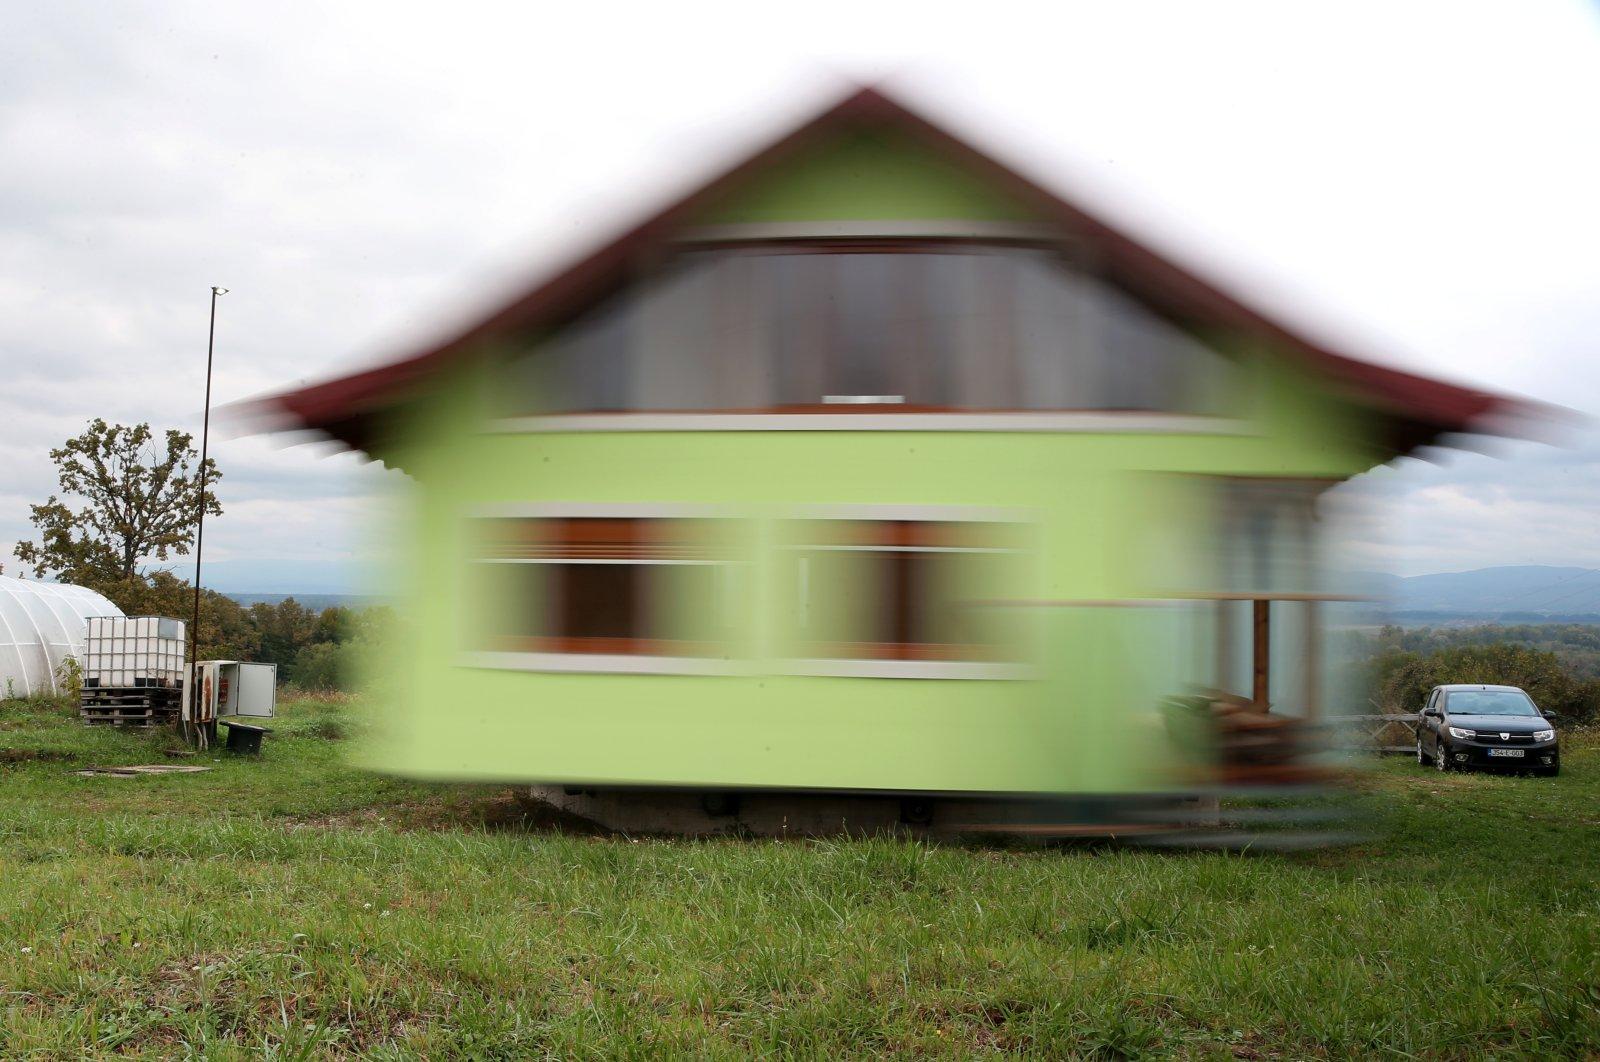 Cụ ông xây nhà xoay 360 độ để chiều lòng vợ